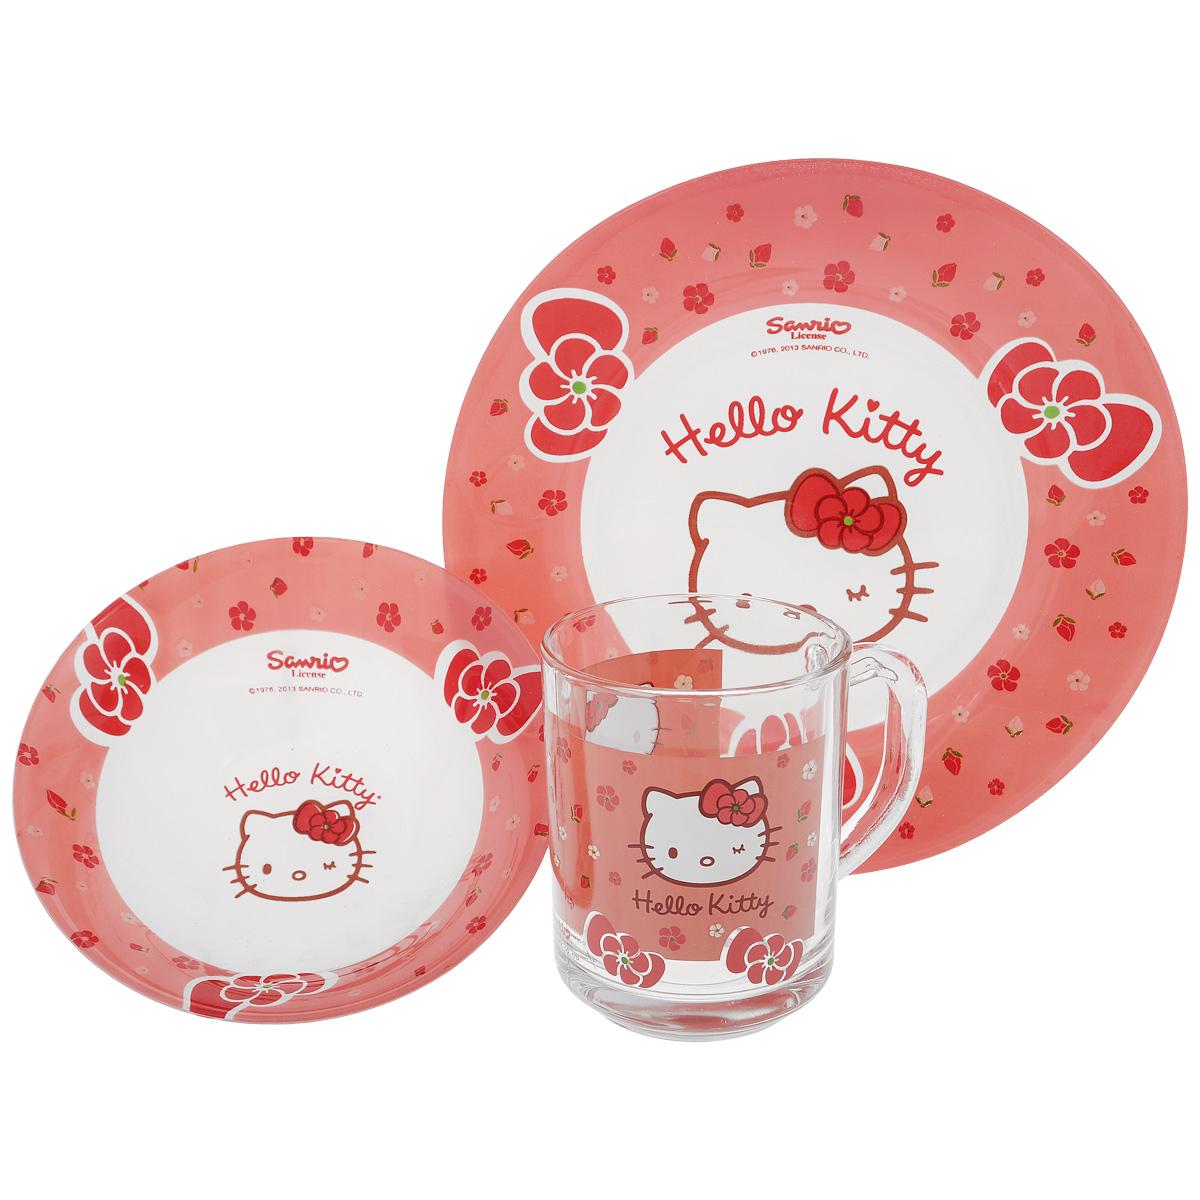 Набор детской посуды Hello Kitty, 3 предмета115010Набор детской посуды Hello Kitty, выполненный из стекла, состоит из кружки, тарелки и салатника. Изделия оформлены изображением героини популярного мультфильма Hello Kitty. Материалы изделий нетоксичены и безопасны для детского здоровья. Детская посуда удобна и увлекательна для вашего малыша. Привычная еда станет более вкусной и приятной, если процесс кормления сопровождать игрой и сказками о любимых героях. Красочная посуда является залогом хорошего настроения и аппетита ваших детей. Можно мыть в посудомоечной машине. Диаметр тарелка: 19,5 см. Диаметр салатника: 14 см. Высота салатника: 4,5 см. Объем кружки: 250 мл. Диаметр кружки (по верхнему краю): 7 см. Высота кружки: 9,5 см.